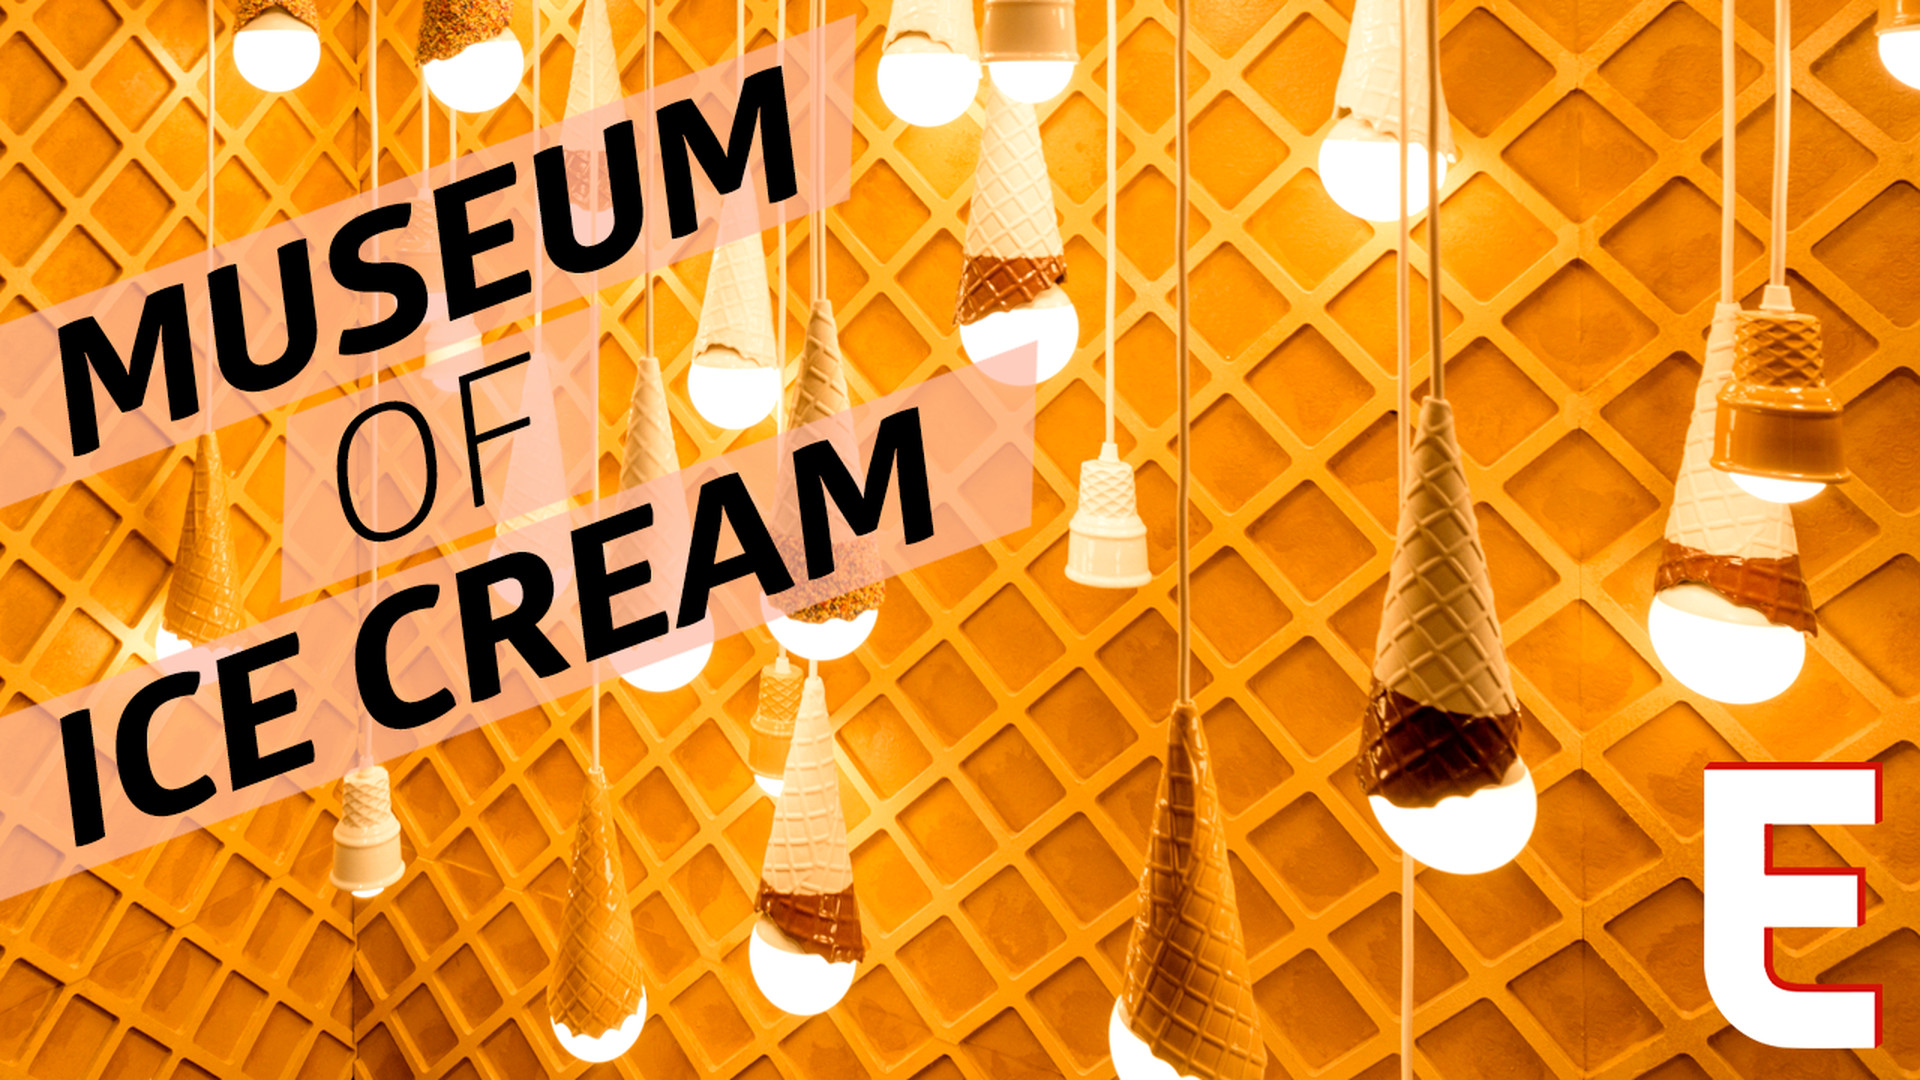 מוזיאון הגלידה נפתח במיאמי ביץ'